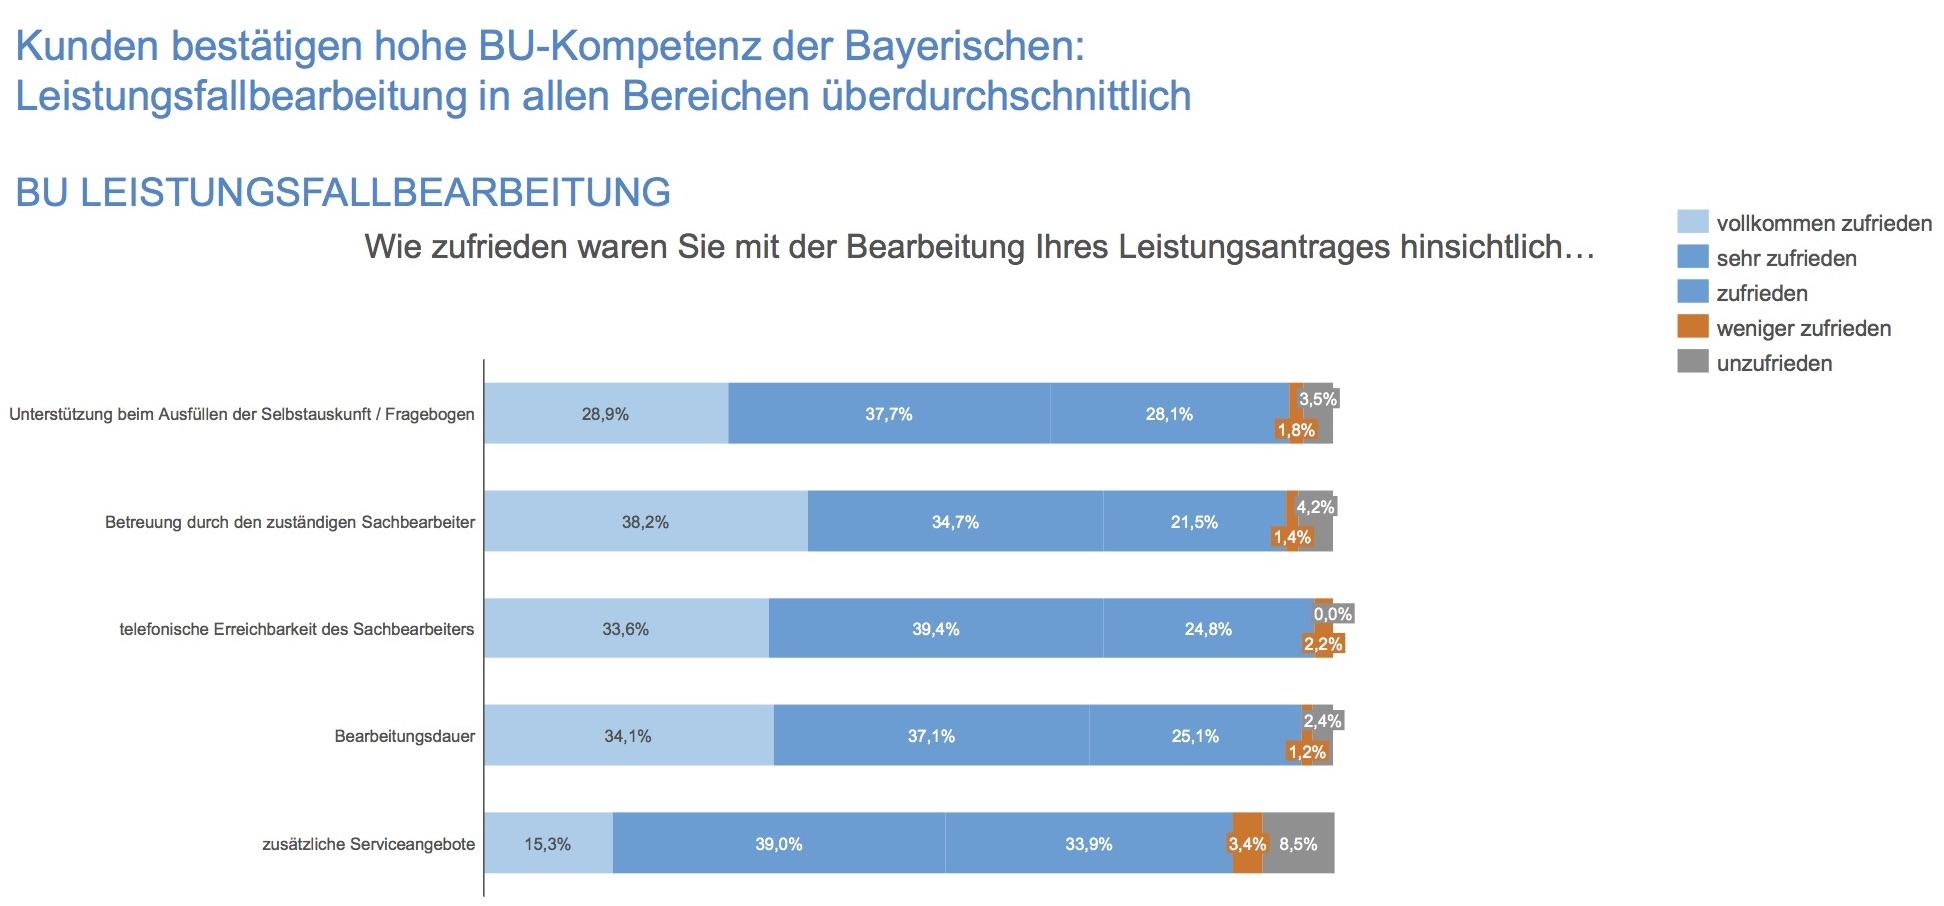 Assekurata B2C Befragung 2018 BU Leistungsfälle. Quelle: die Bayerische